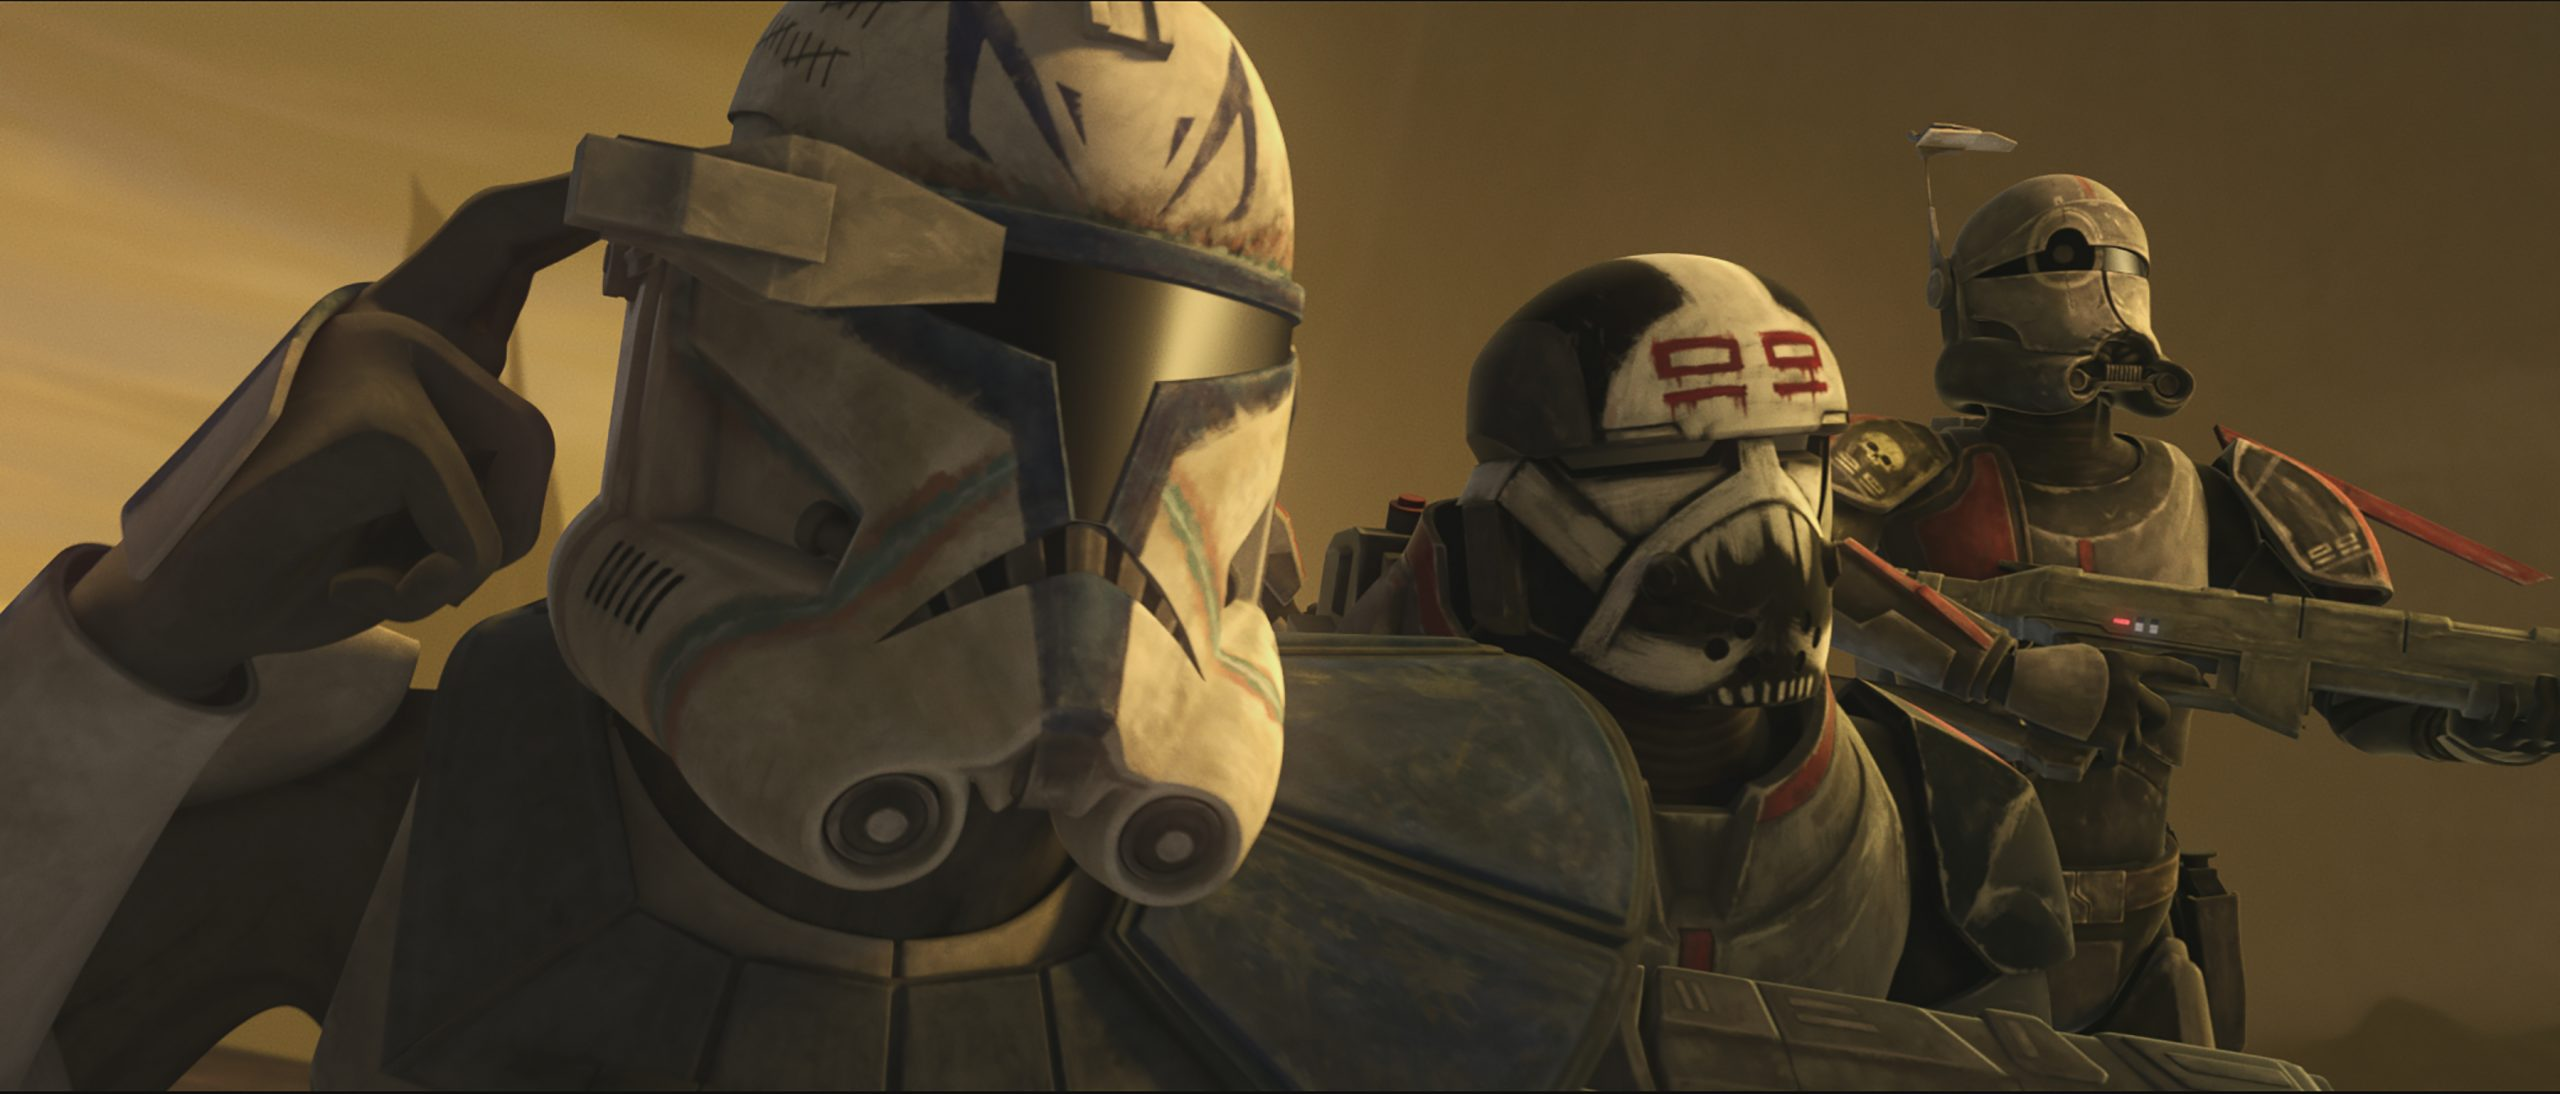 clone-wars-season-7-scaled.jpg